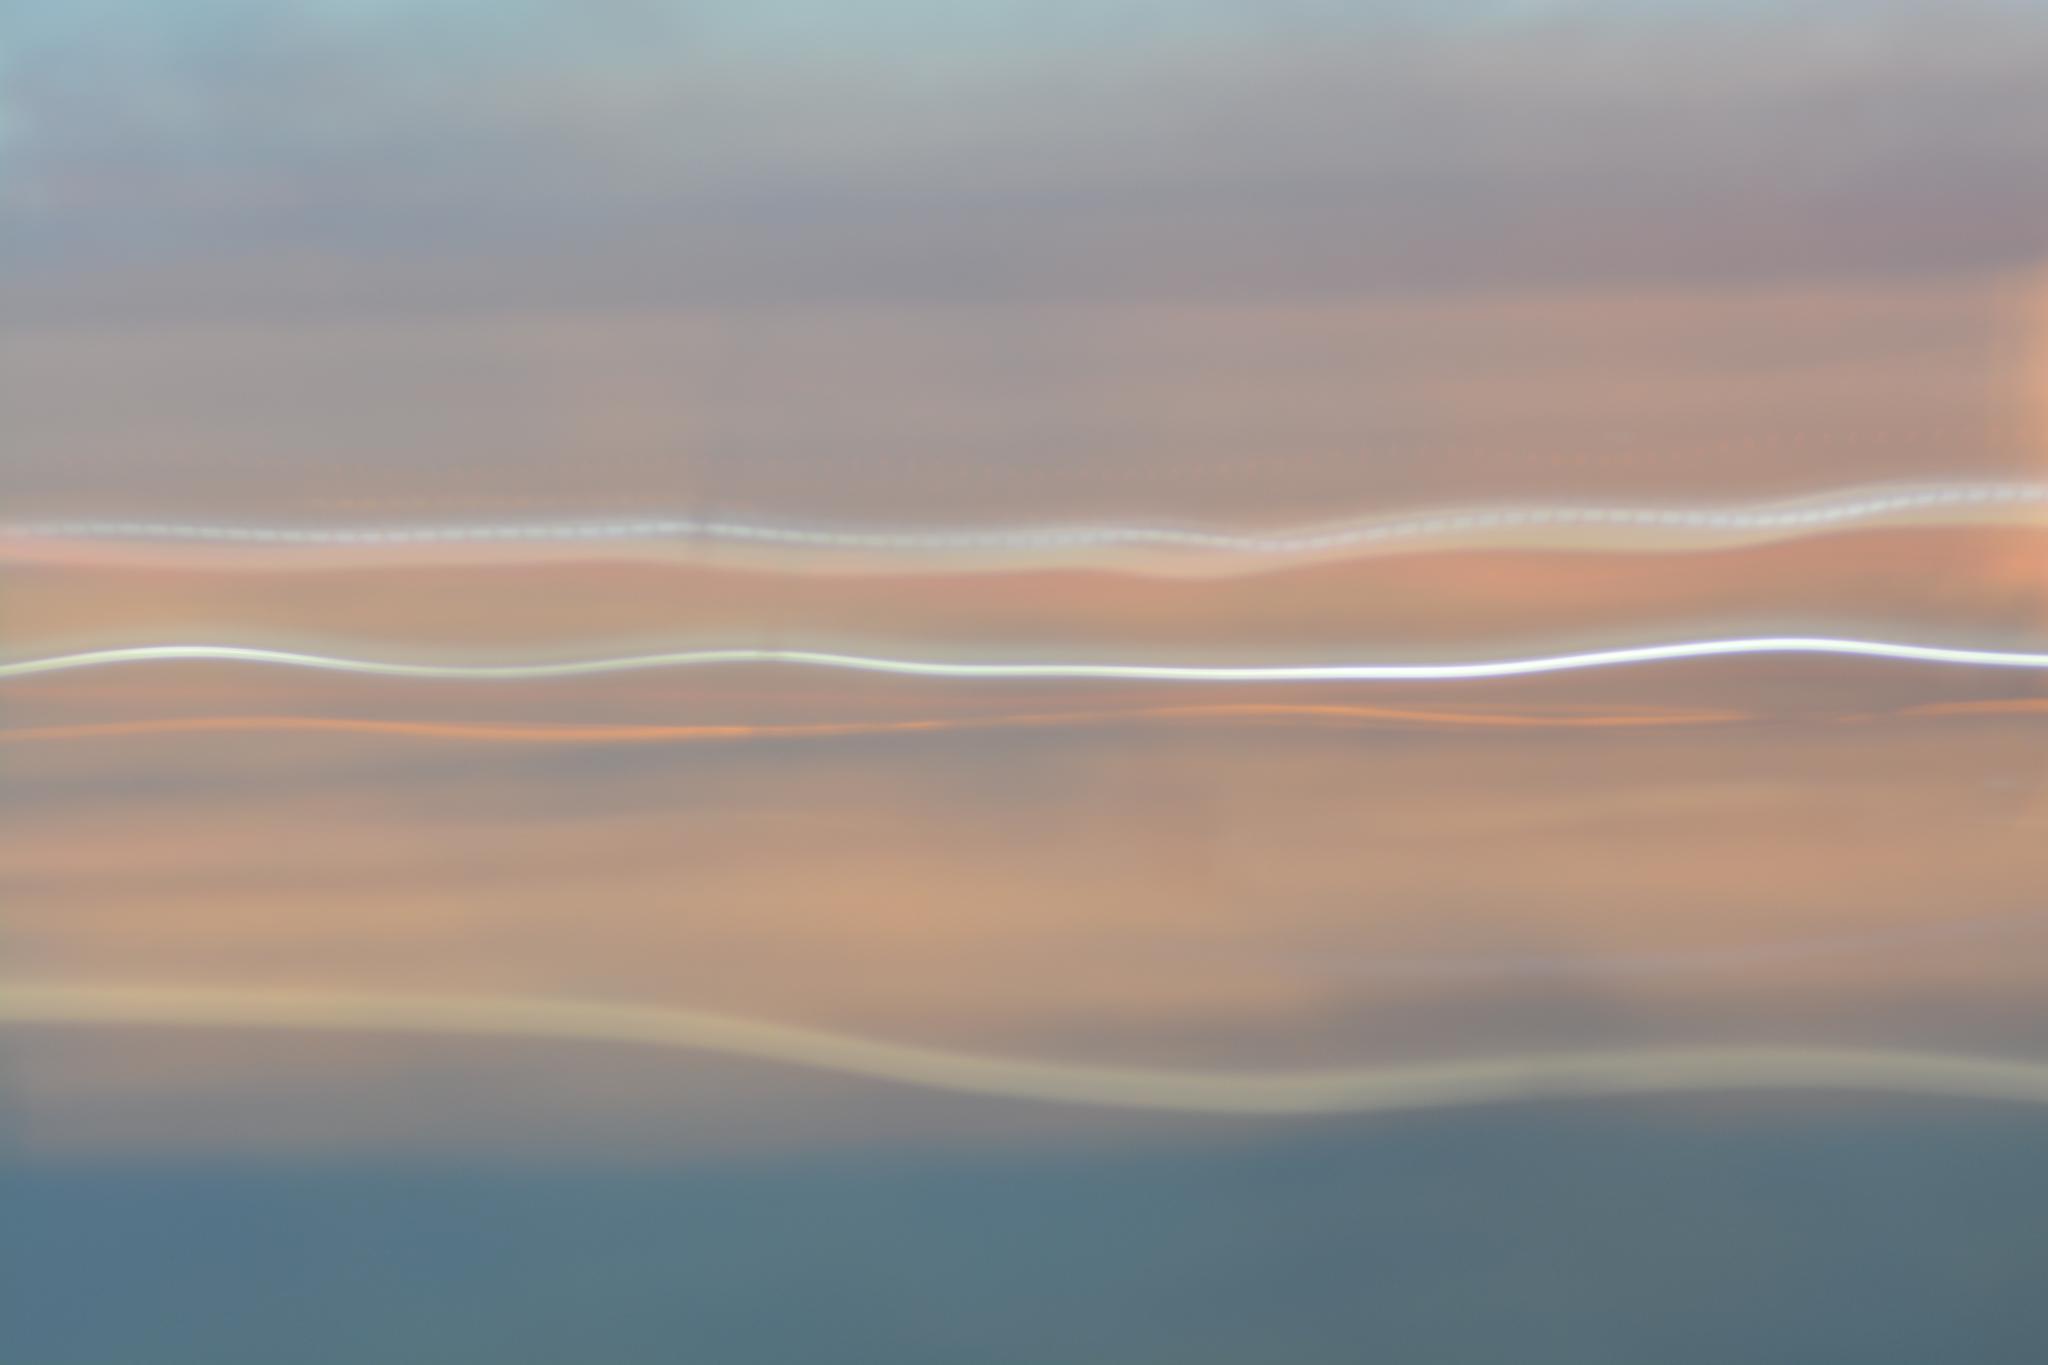 light trails by nick.mamaladze